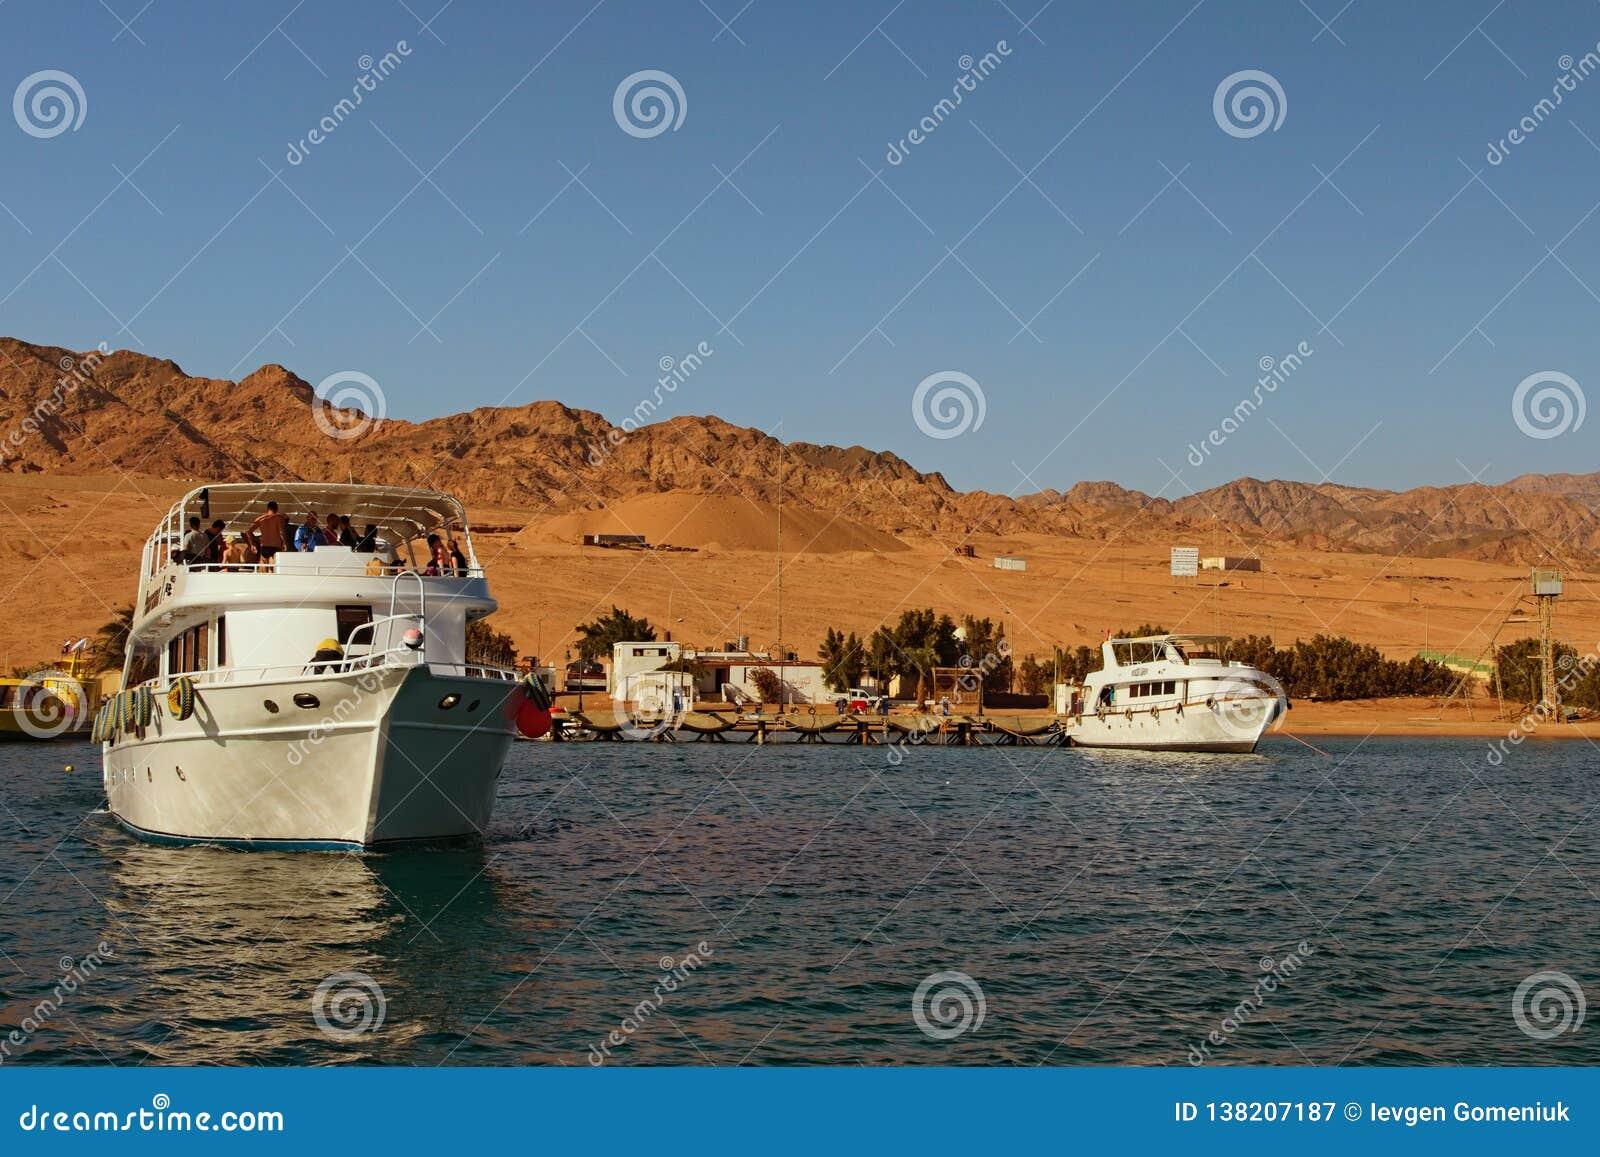 Le bateau de croisière avec des touristes va au récif où les gens plongeront avec la plongée à l air ou naviguer au schnorchel